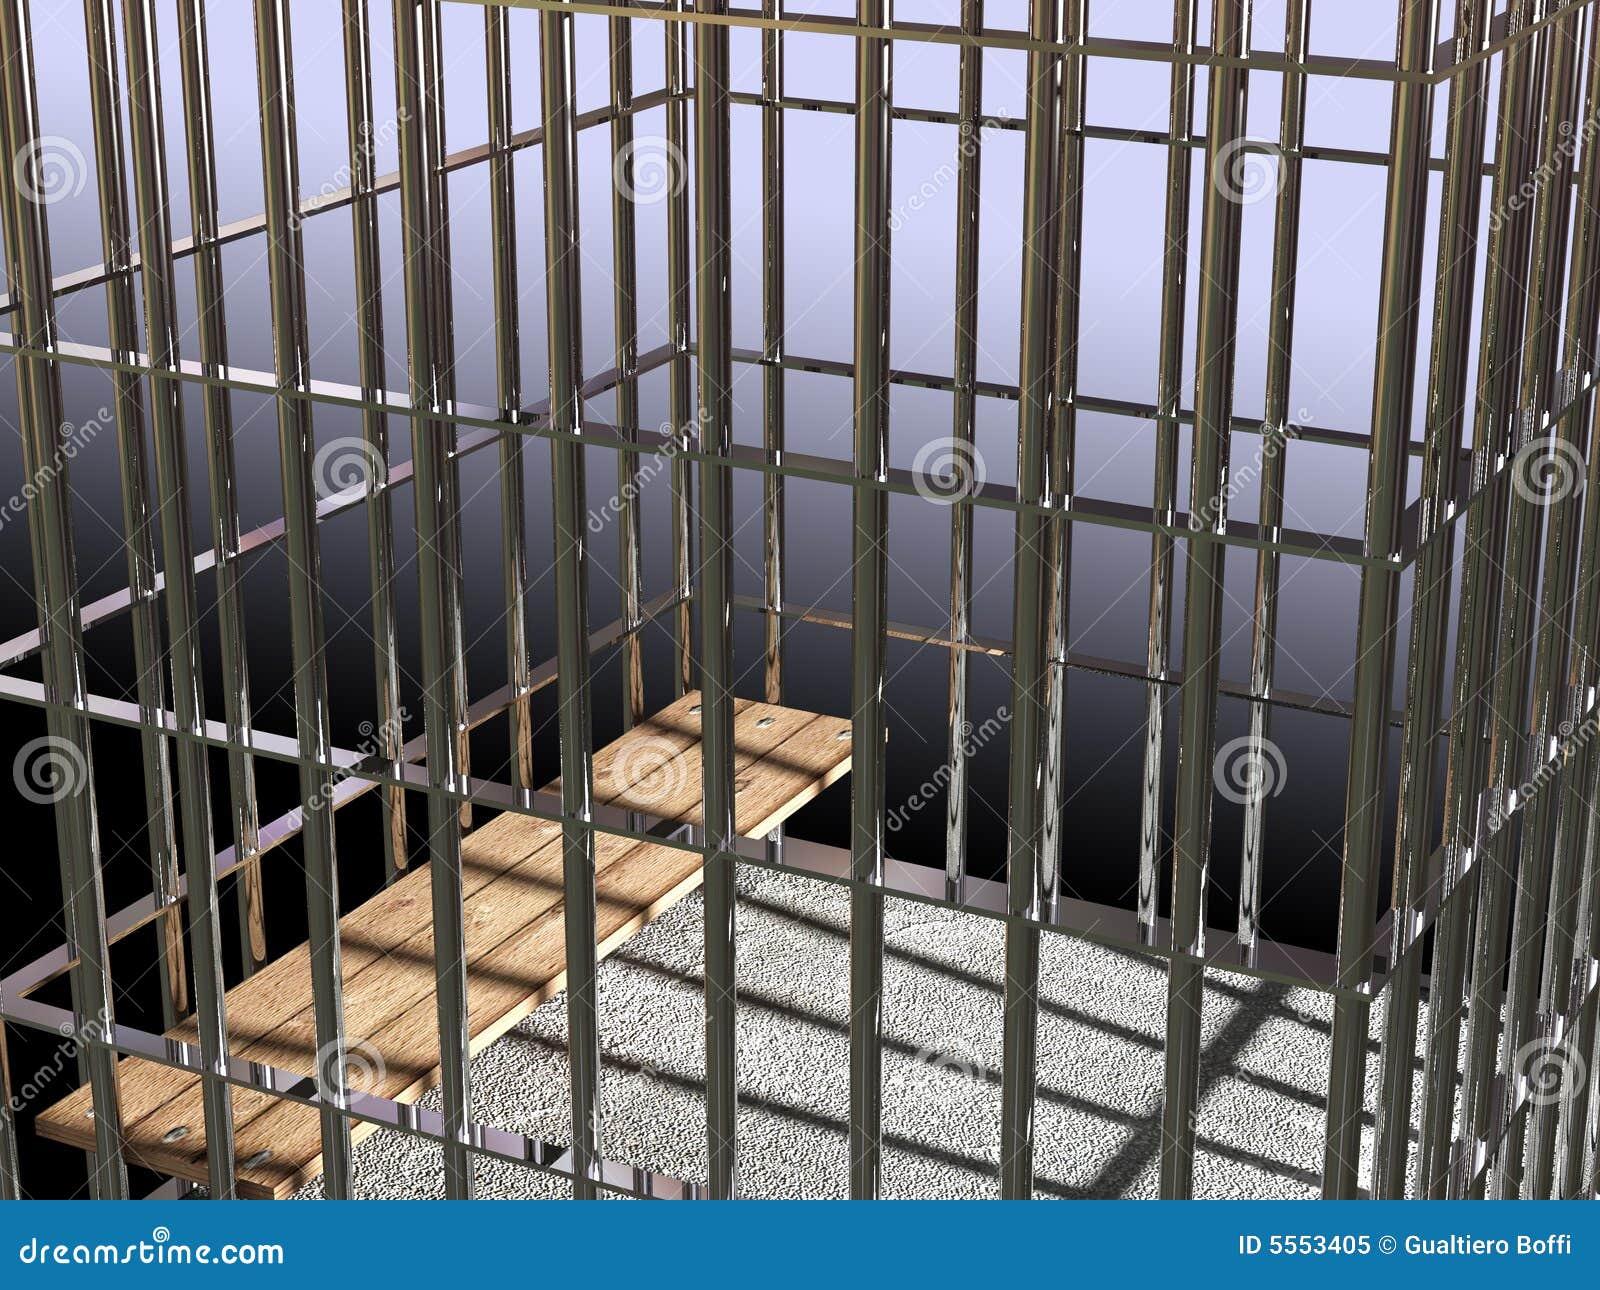 Metal Rahmen 3d, Konzept Von Gefängnis 02 Stock Abbildung ...